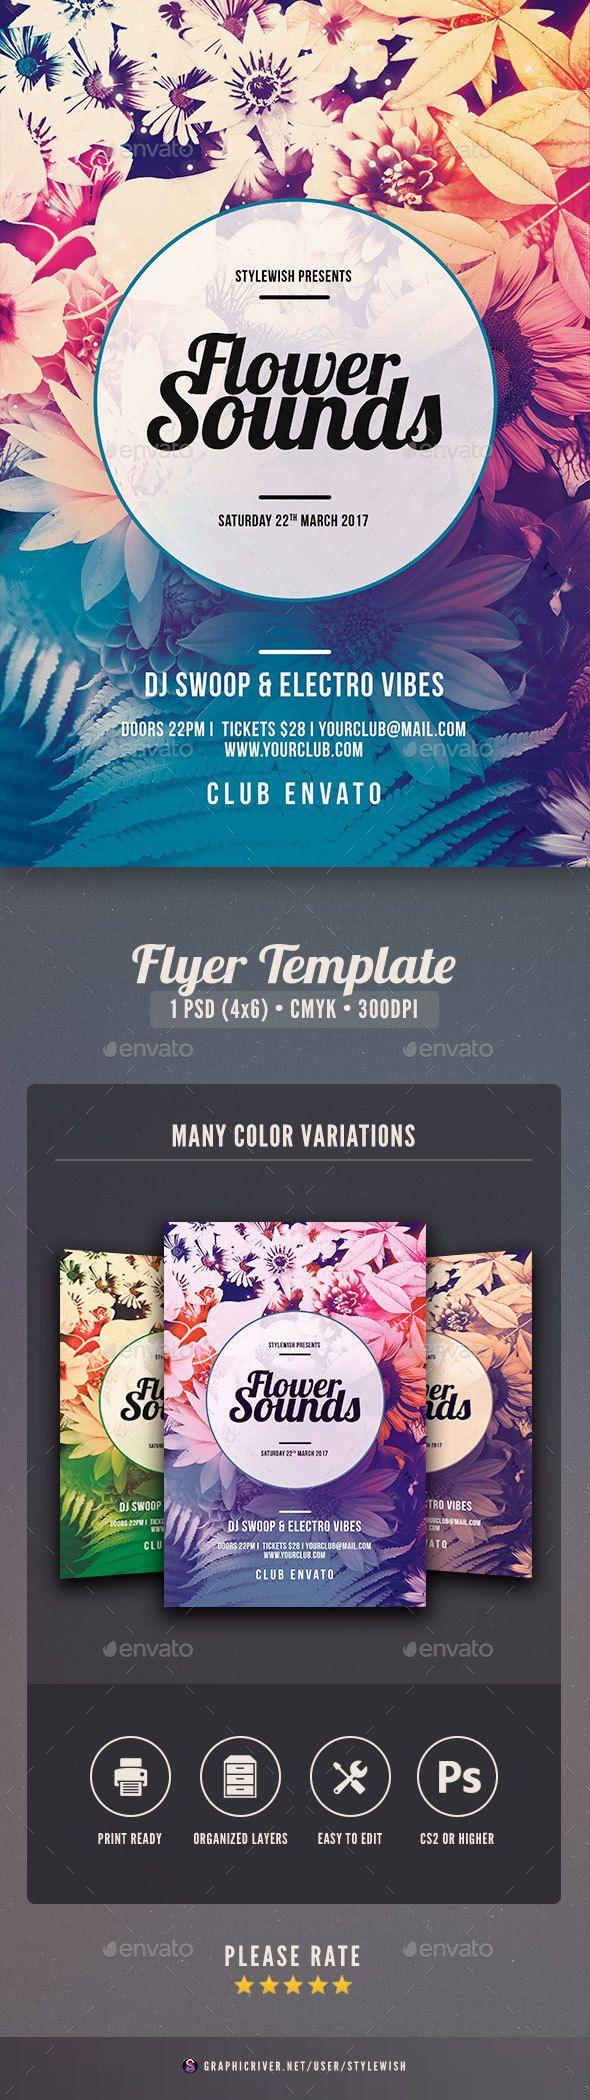 Flower Sounds Flyer Template PSD